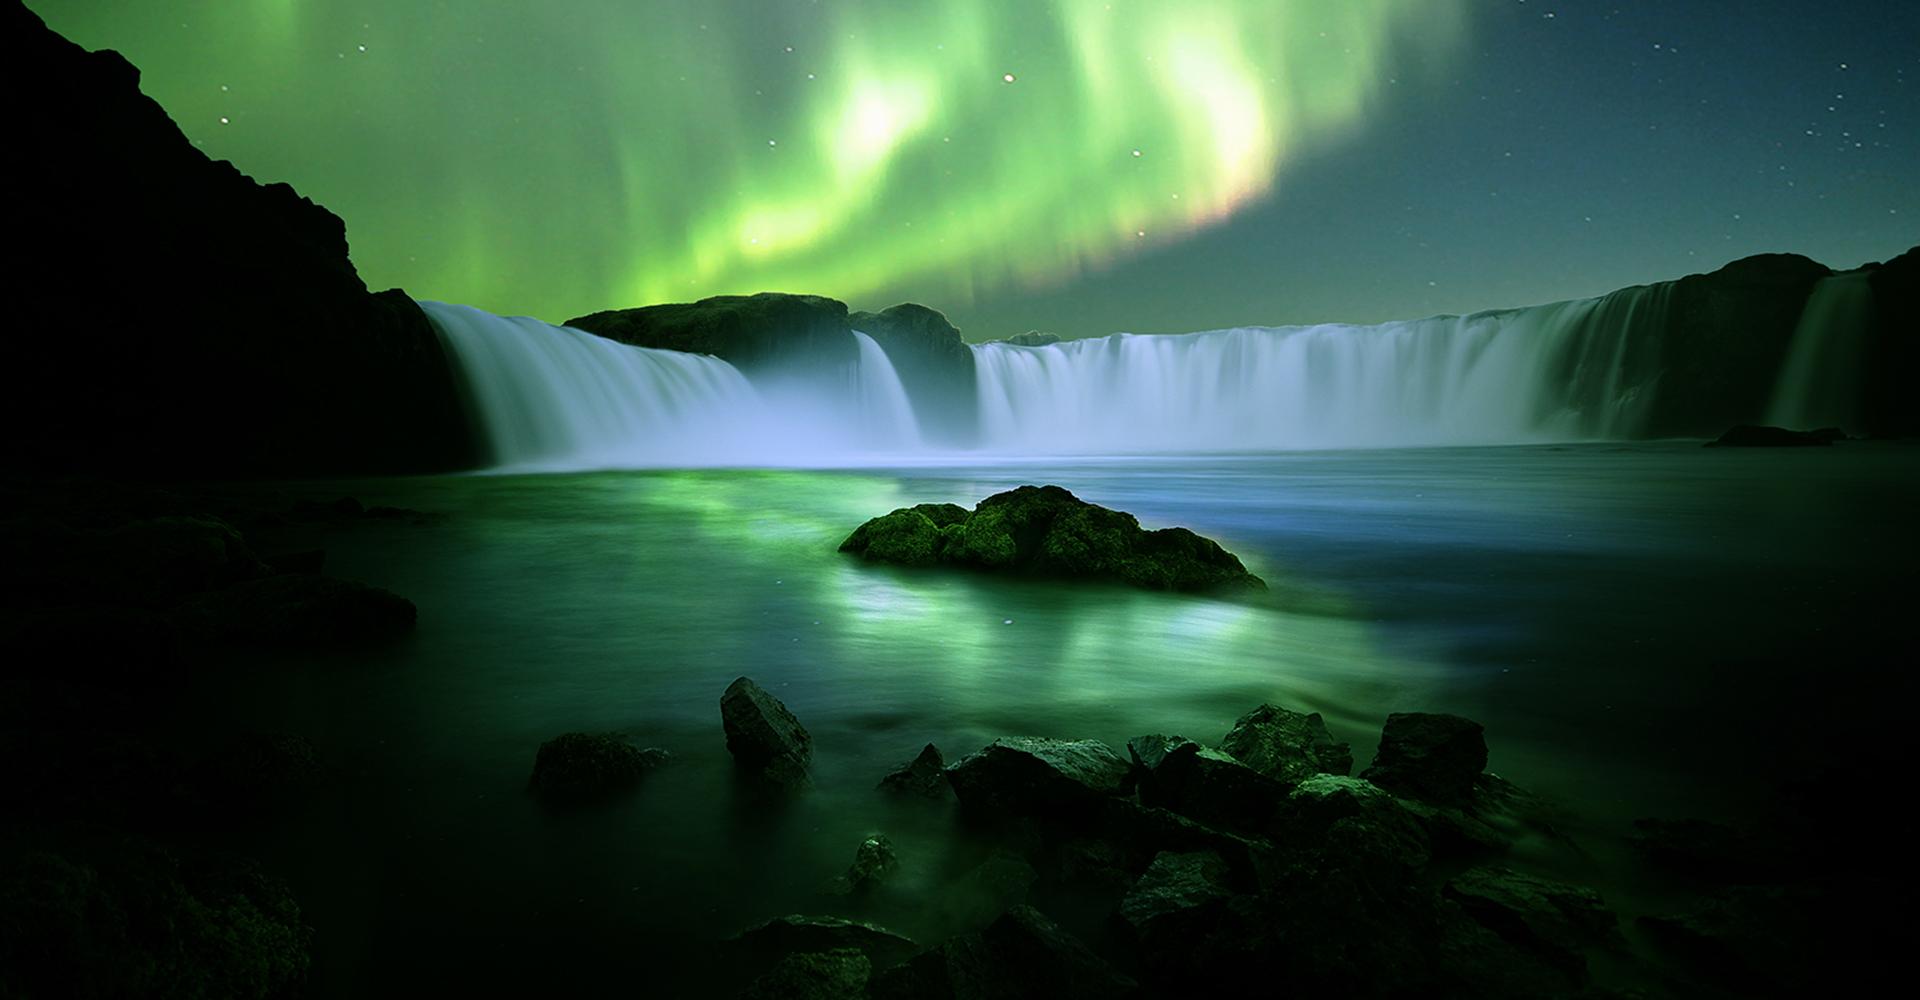 fotografías de paisajes nocturnos